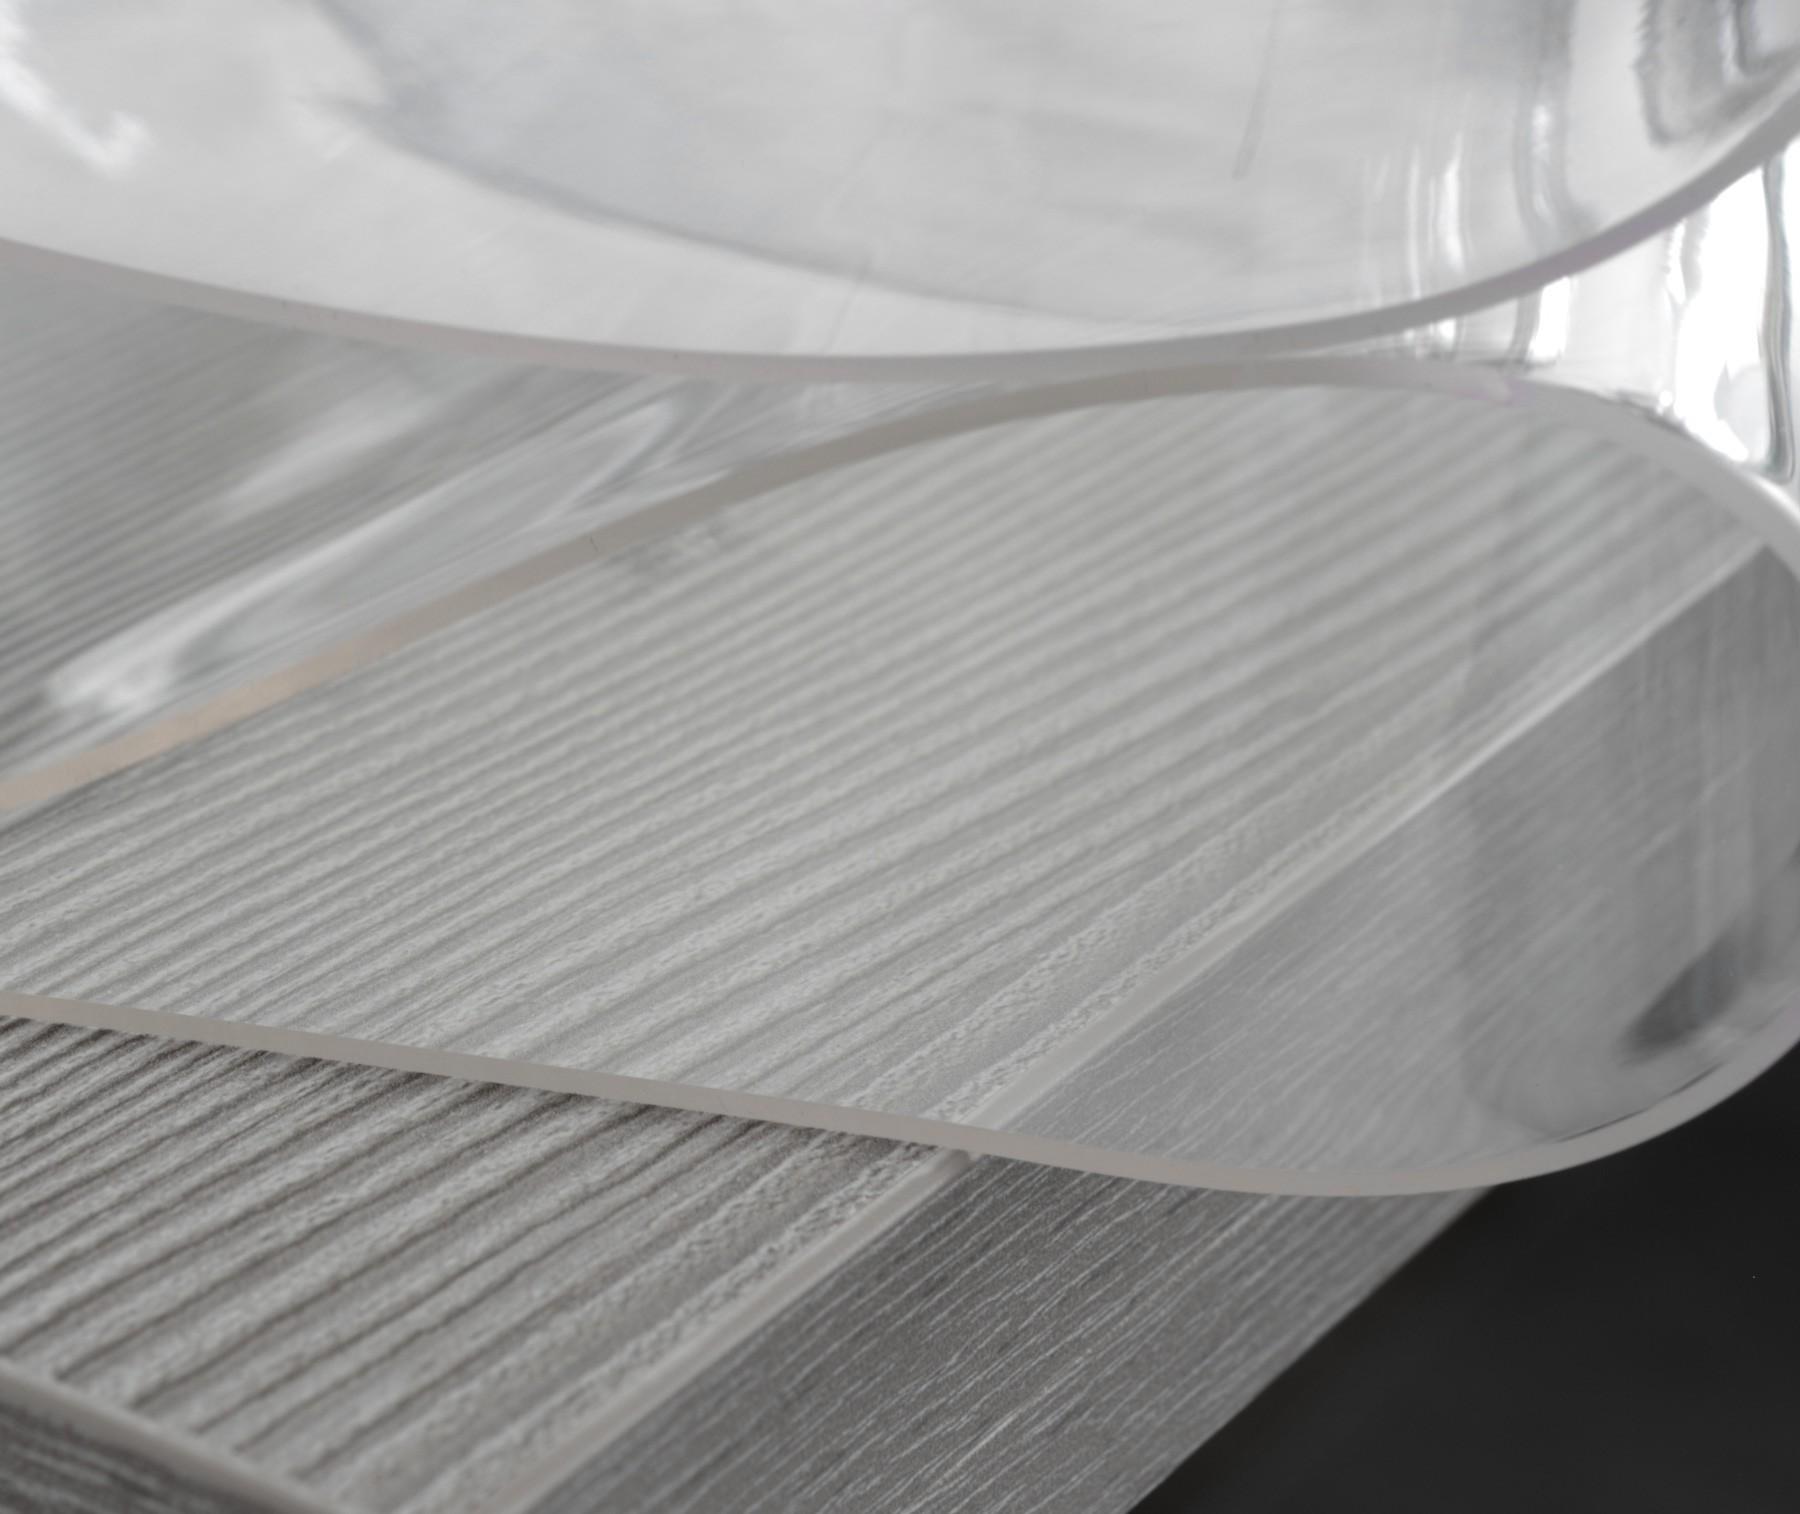 glasklar folie 2 mm transparente tischdecke 80 cm l nge w hlbar schutzfolie tischschutz. Black Bedroom Furniture Sets. Home Design Ideas